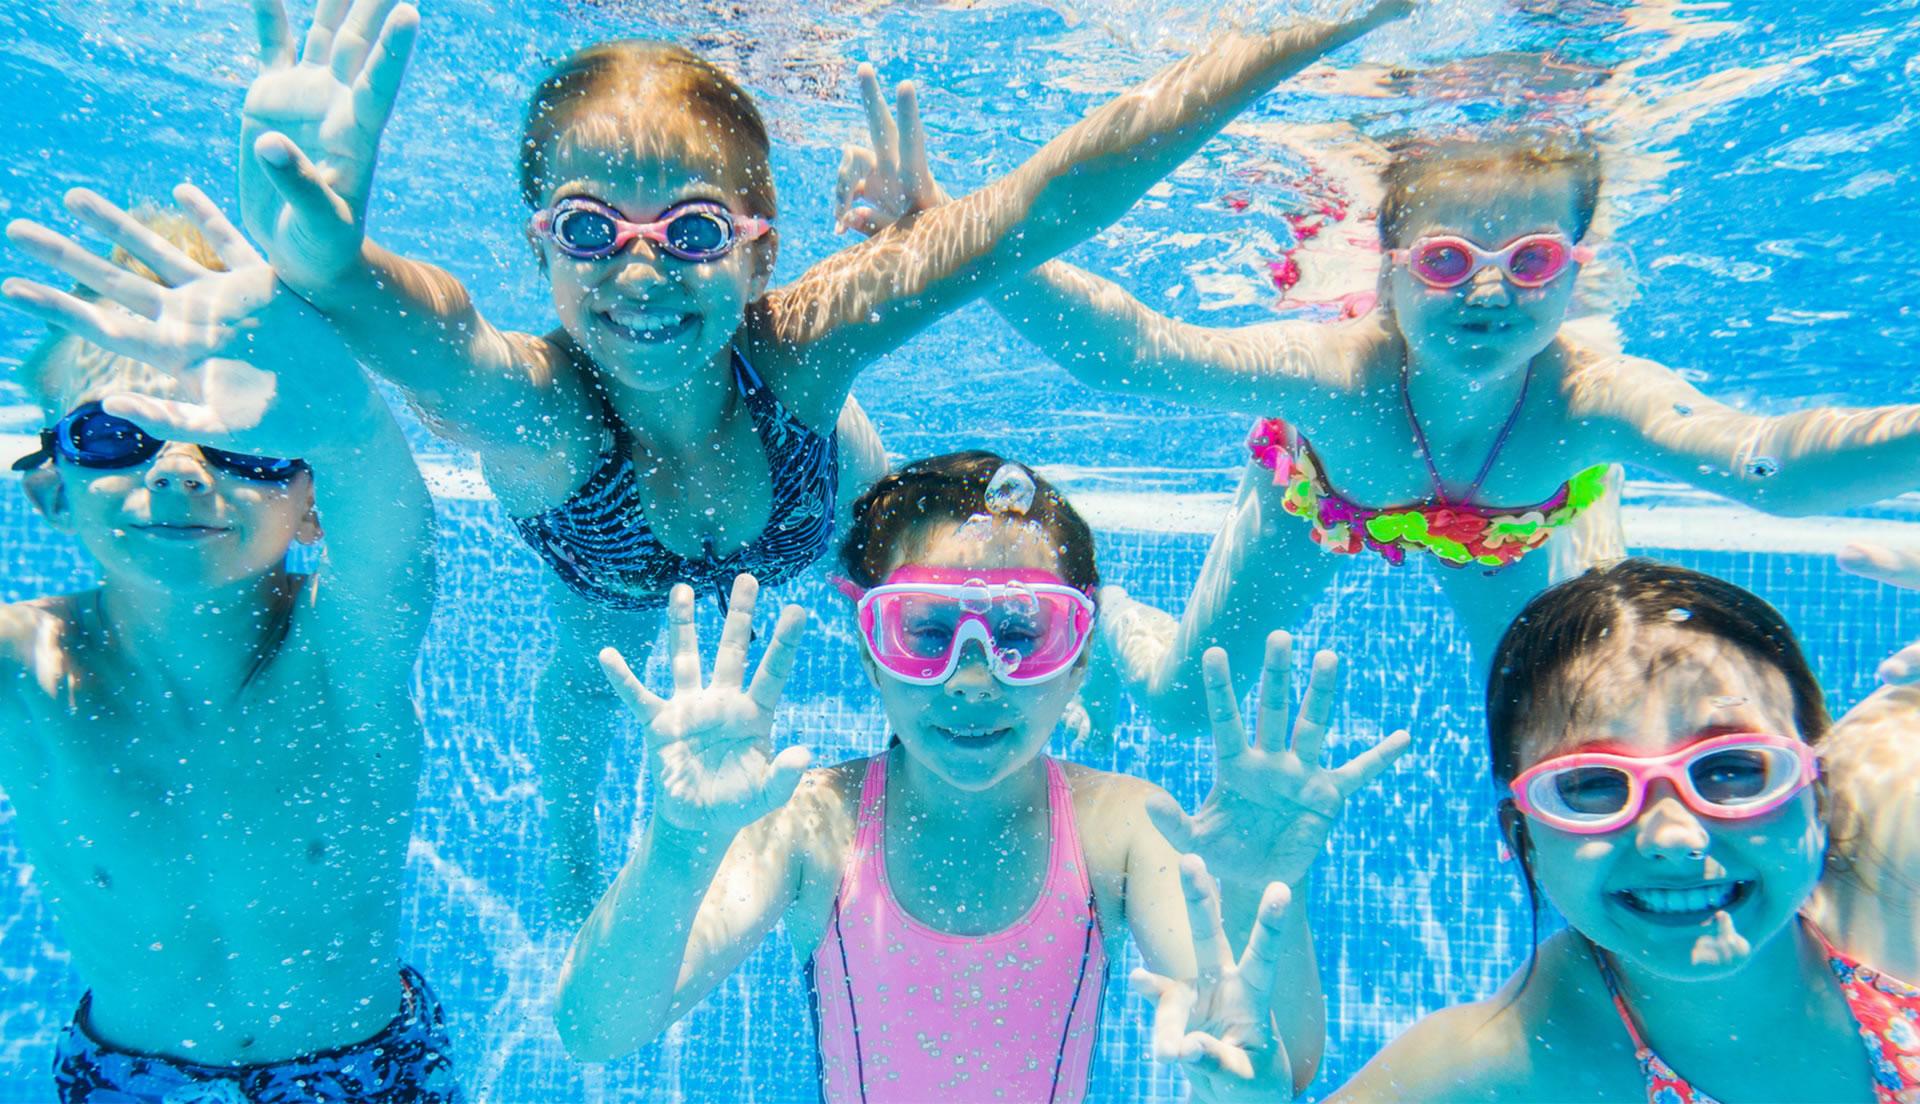 enfants sous l'eau lunettes - cours bébé nageur - natation enfant - club natation enfant